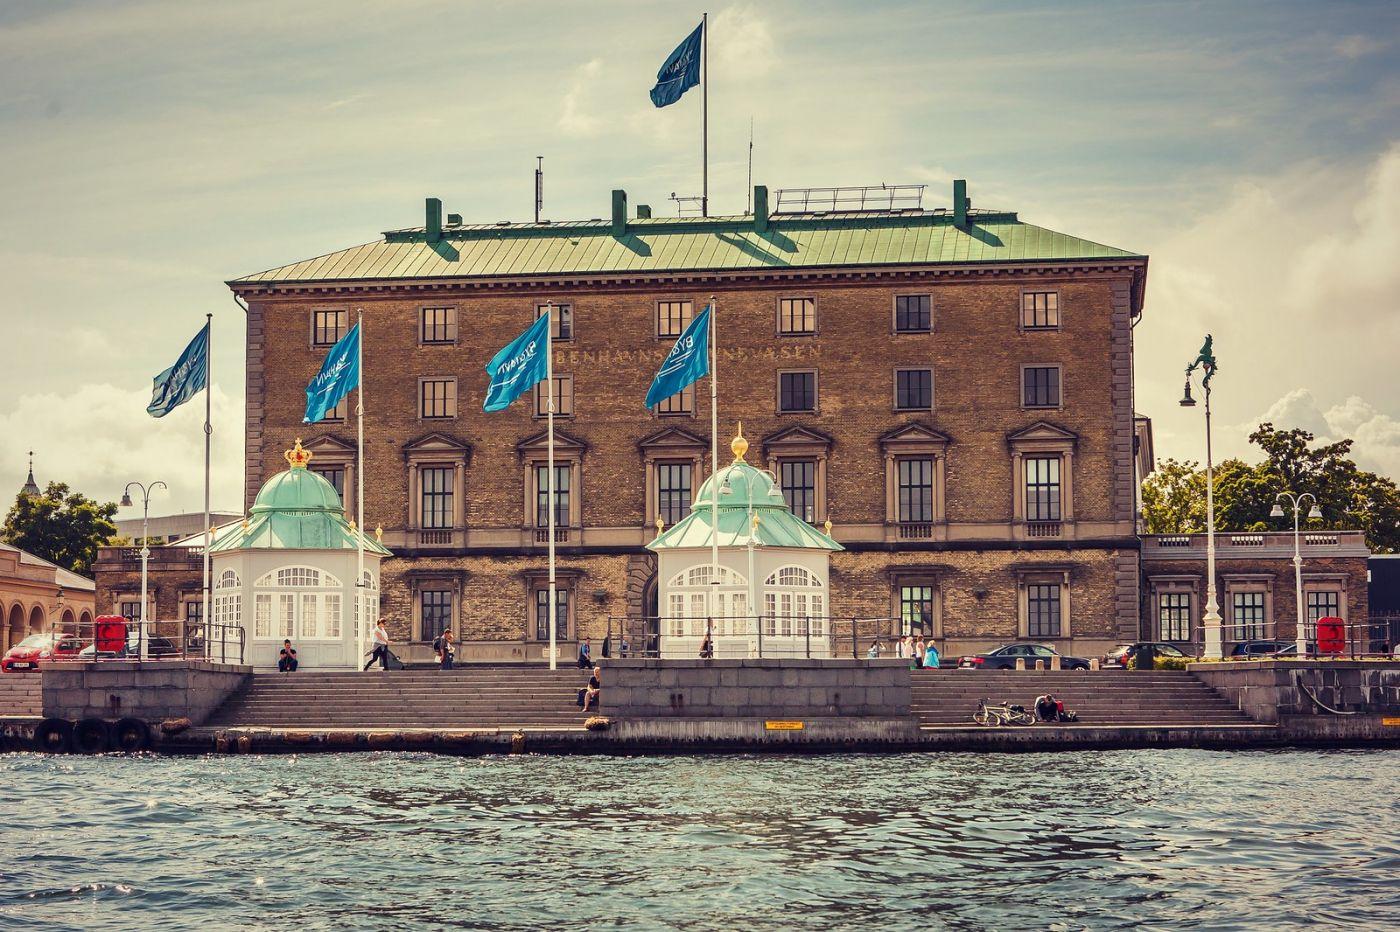 丹麦哥本哈根,新旧融合的城市_图1-13